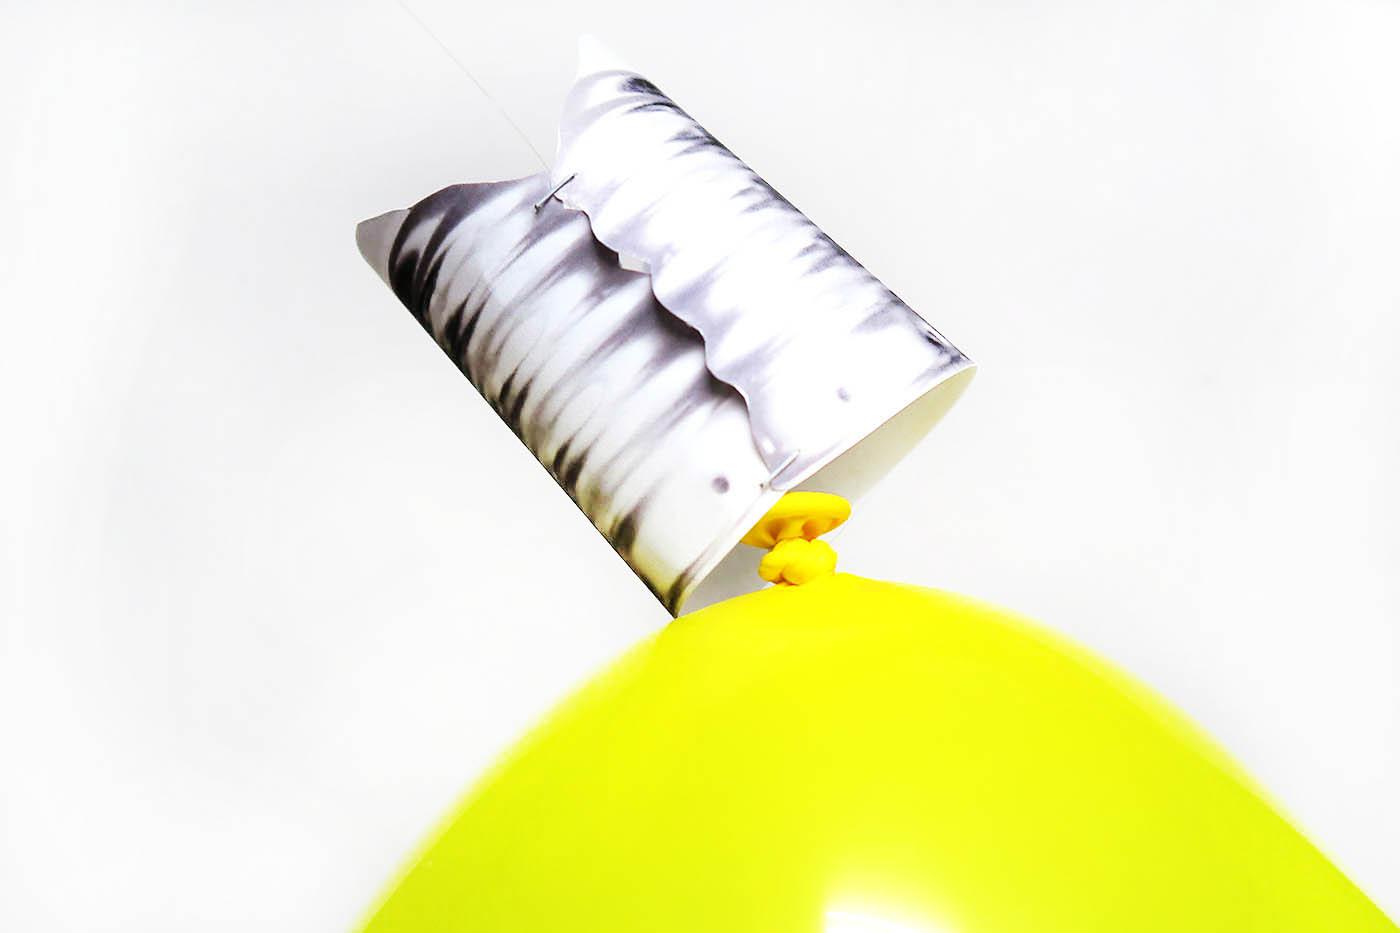 DIY Lightbulb Balloons for fun back to school photos!